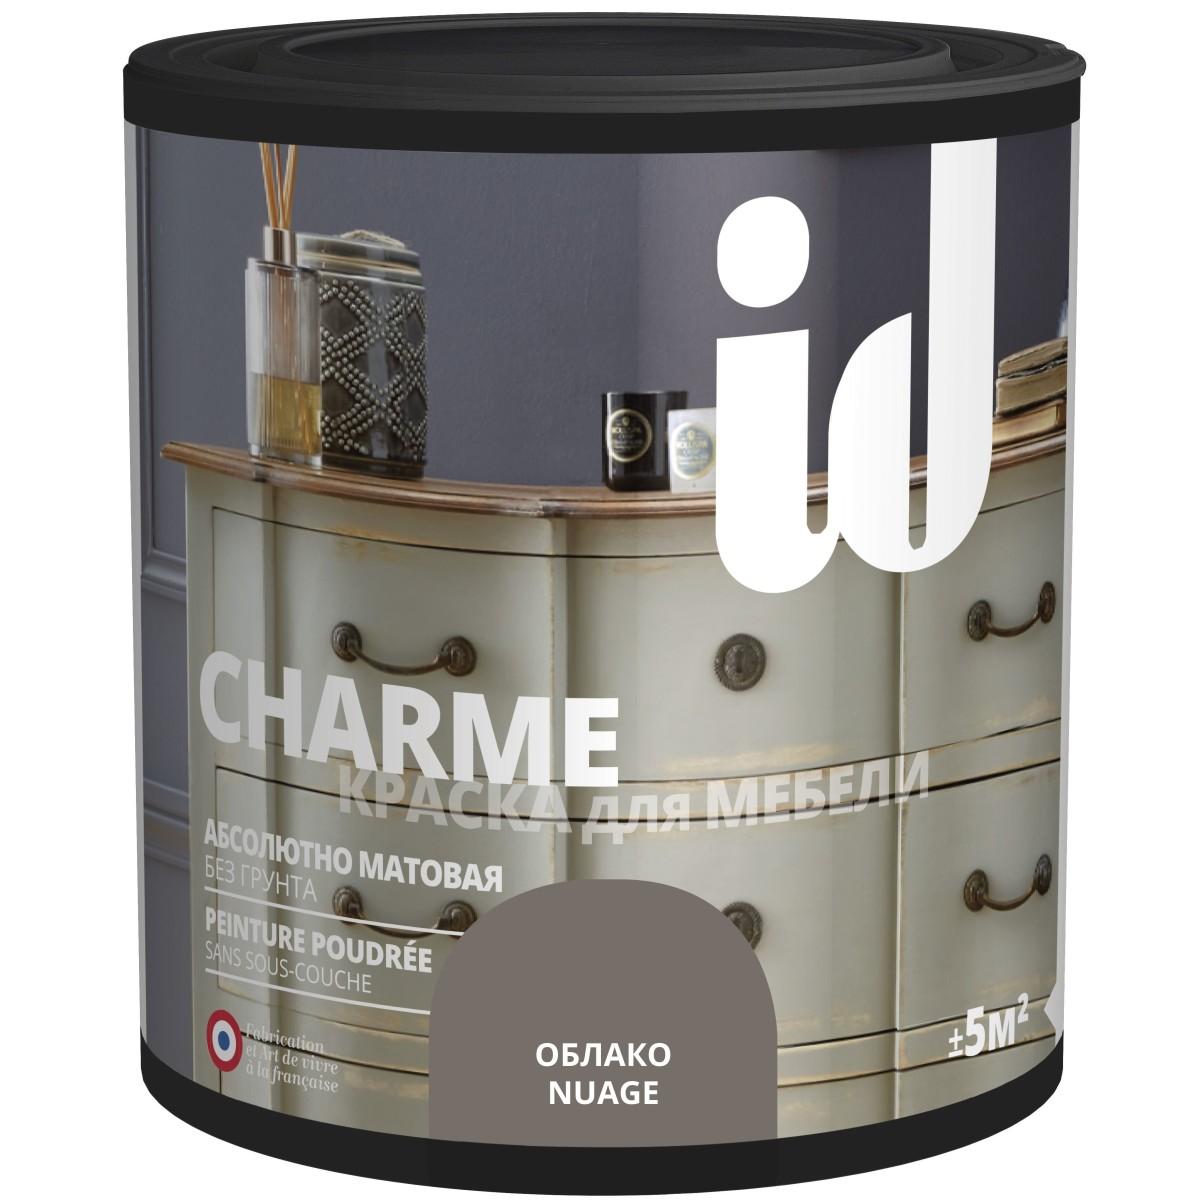 Краска для мебели ID Charme цвет облако 0.5 л